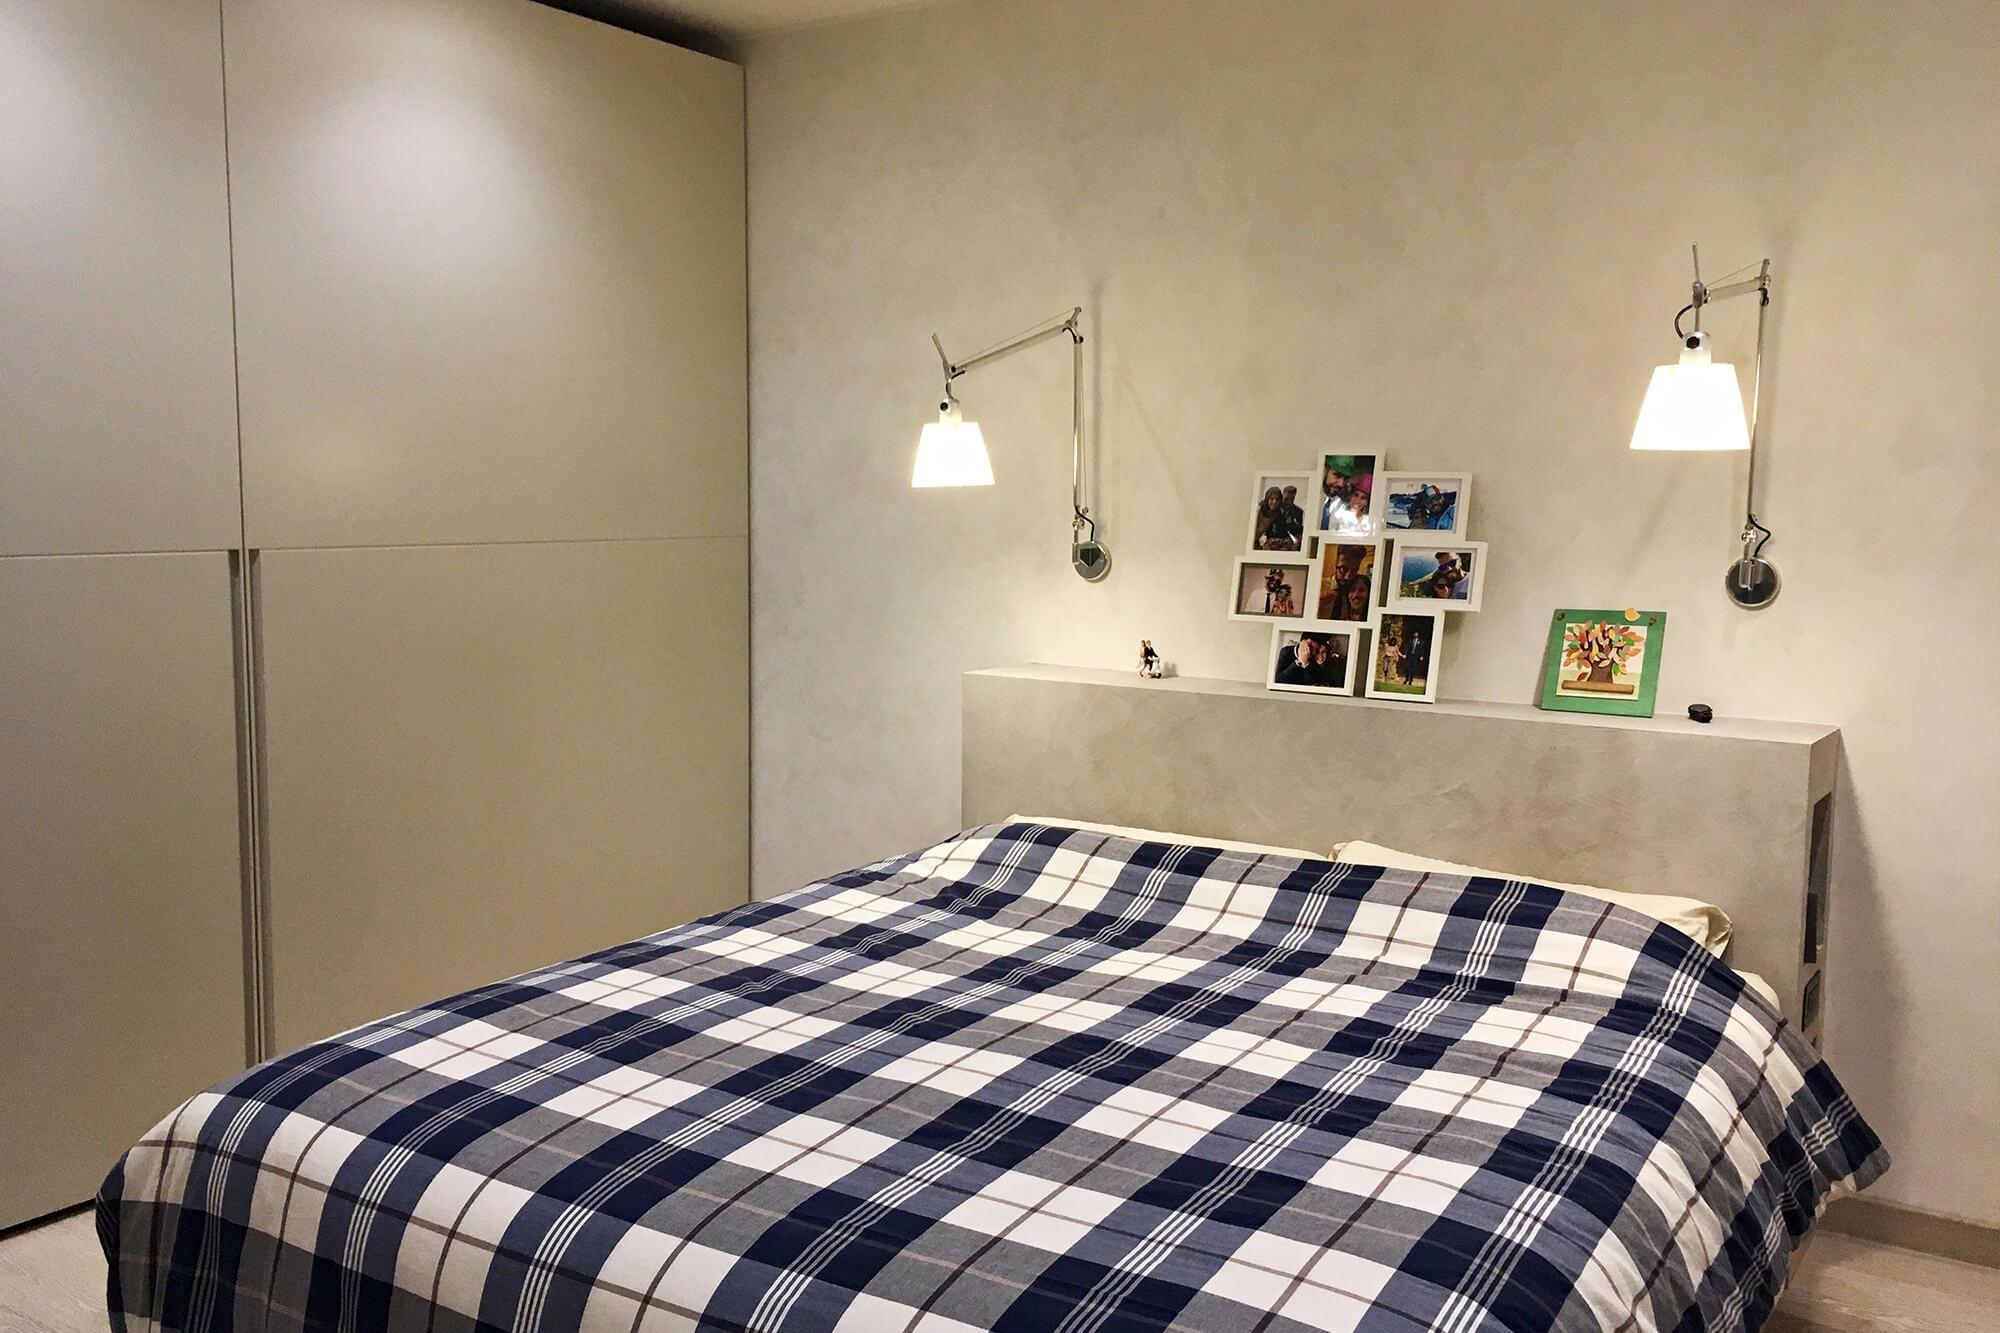 camera da letto arredo